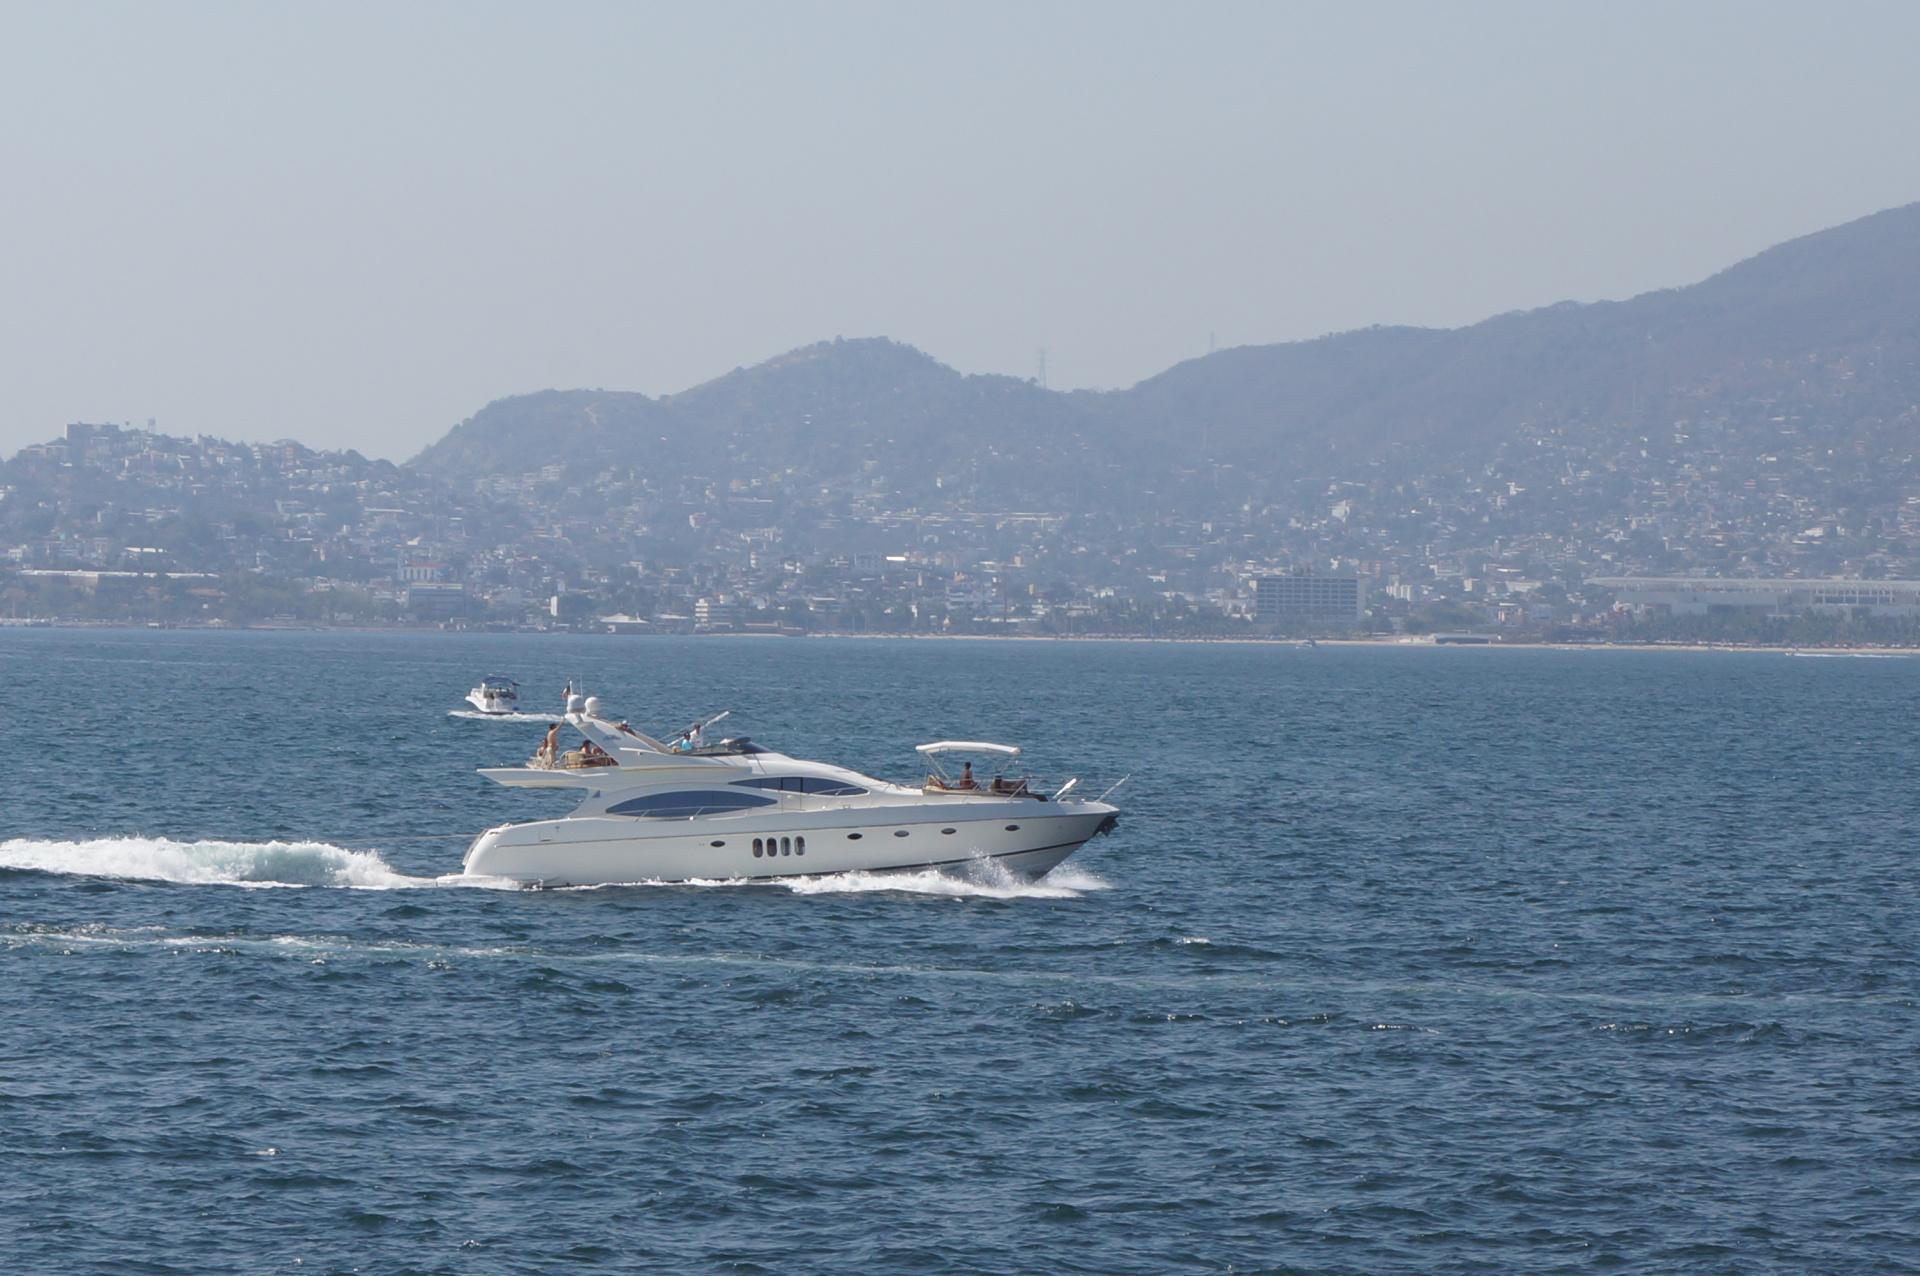 Renta de yate en Acapulco al mejor costo